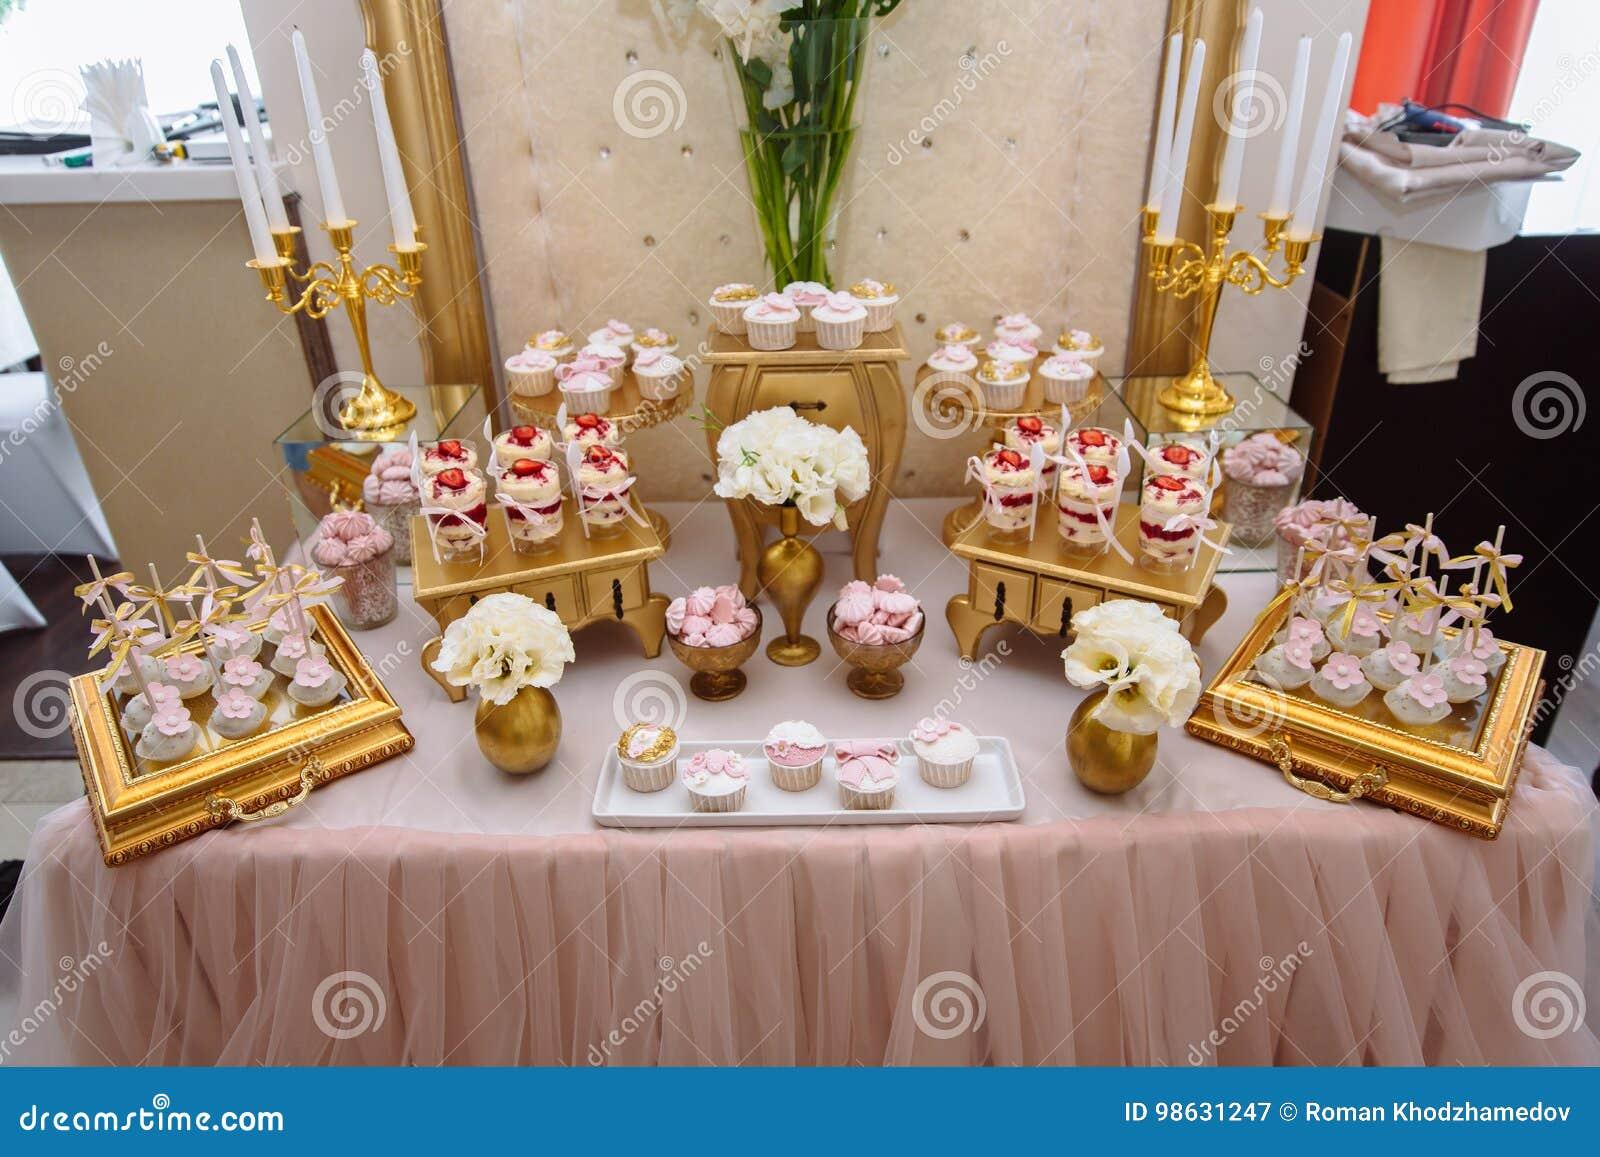 Schokoriegel Tabelle Mit Bonbons Buffet Mit Kleinen Kuchen